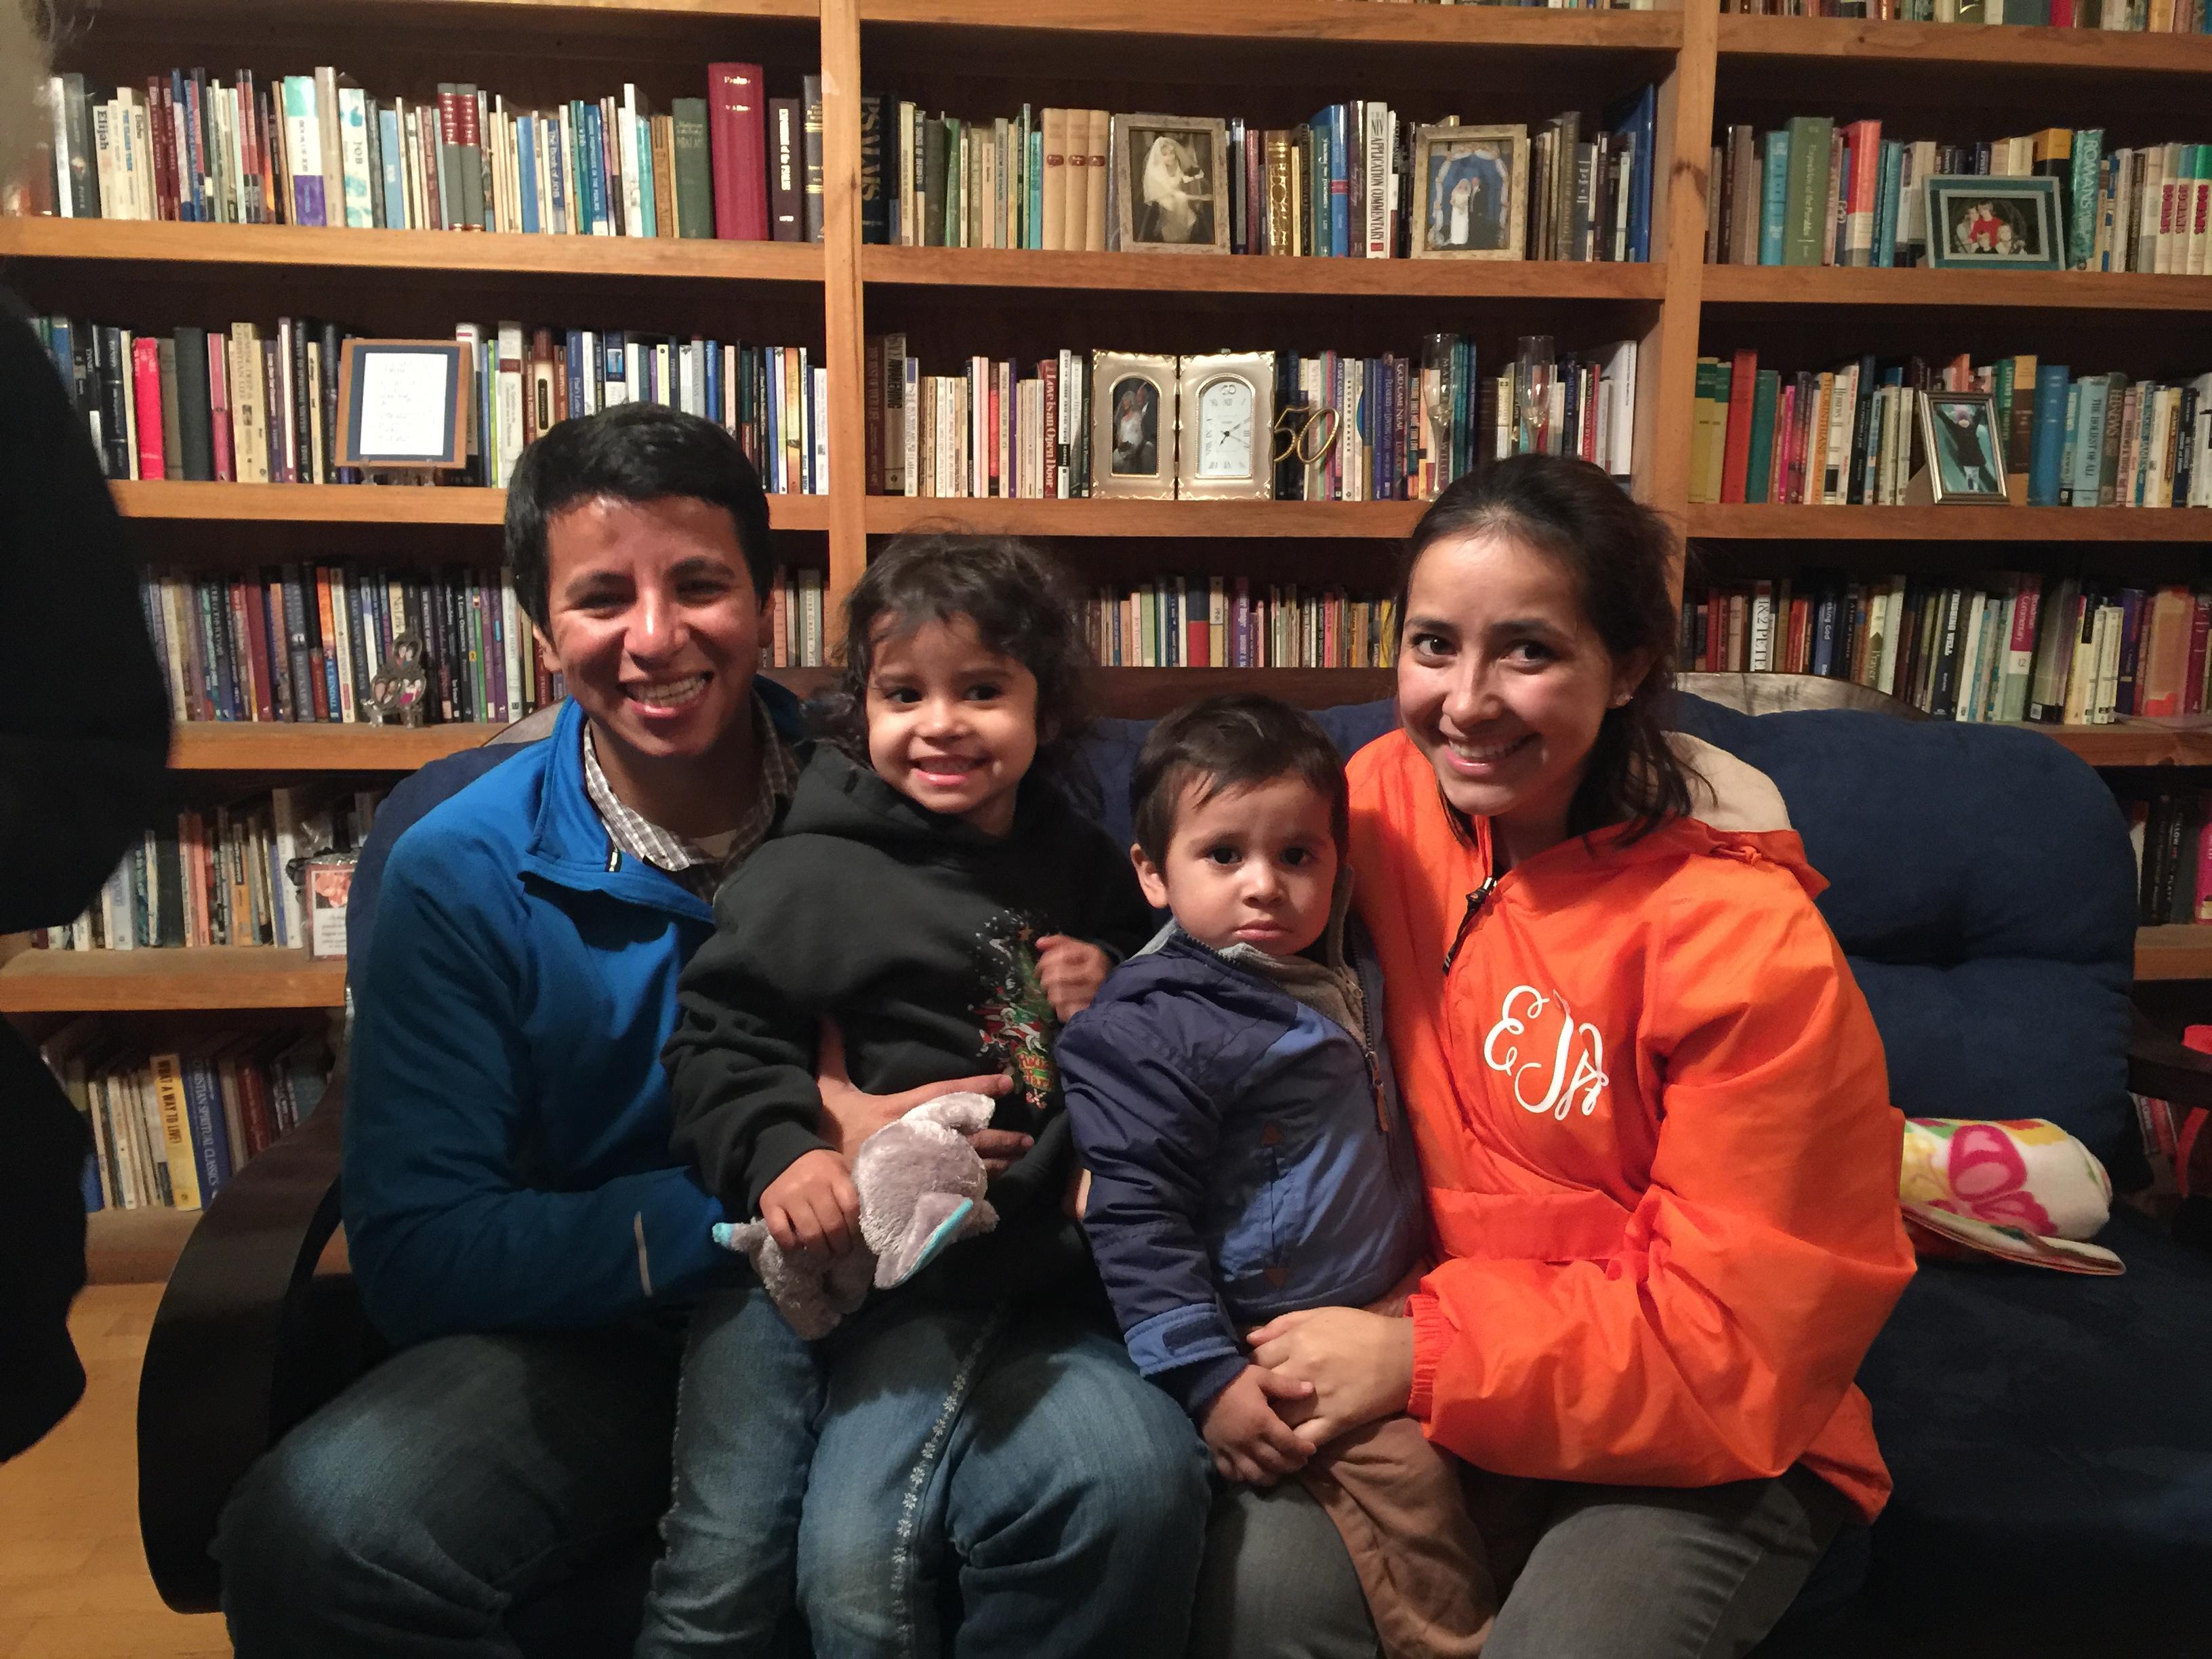 Jose' and Estella with our grandchildren